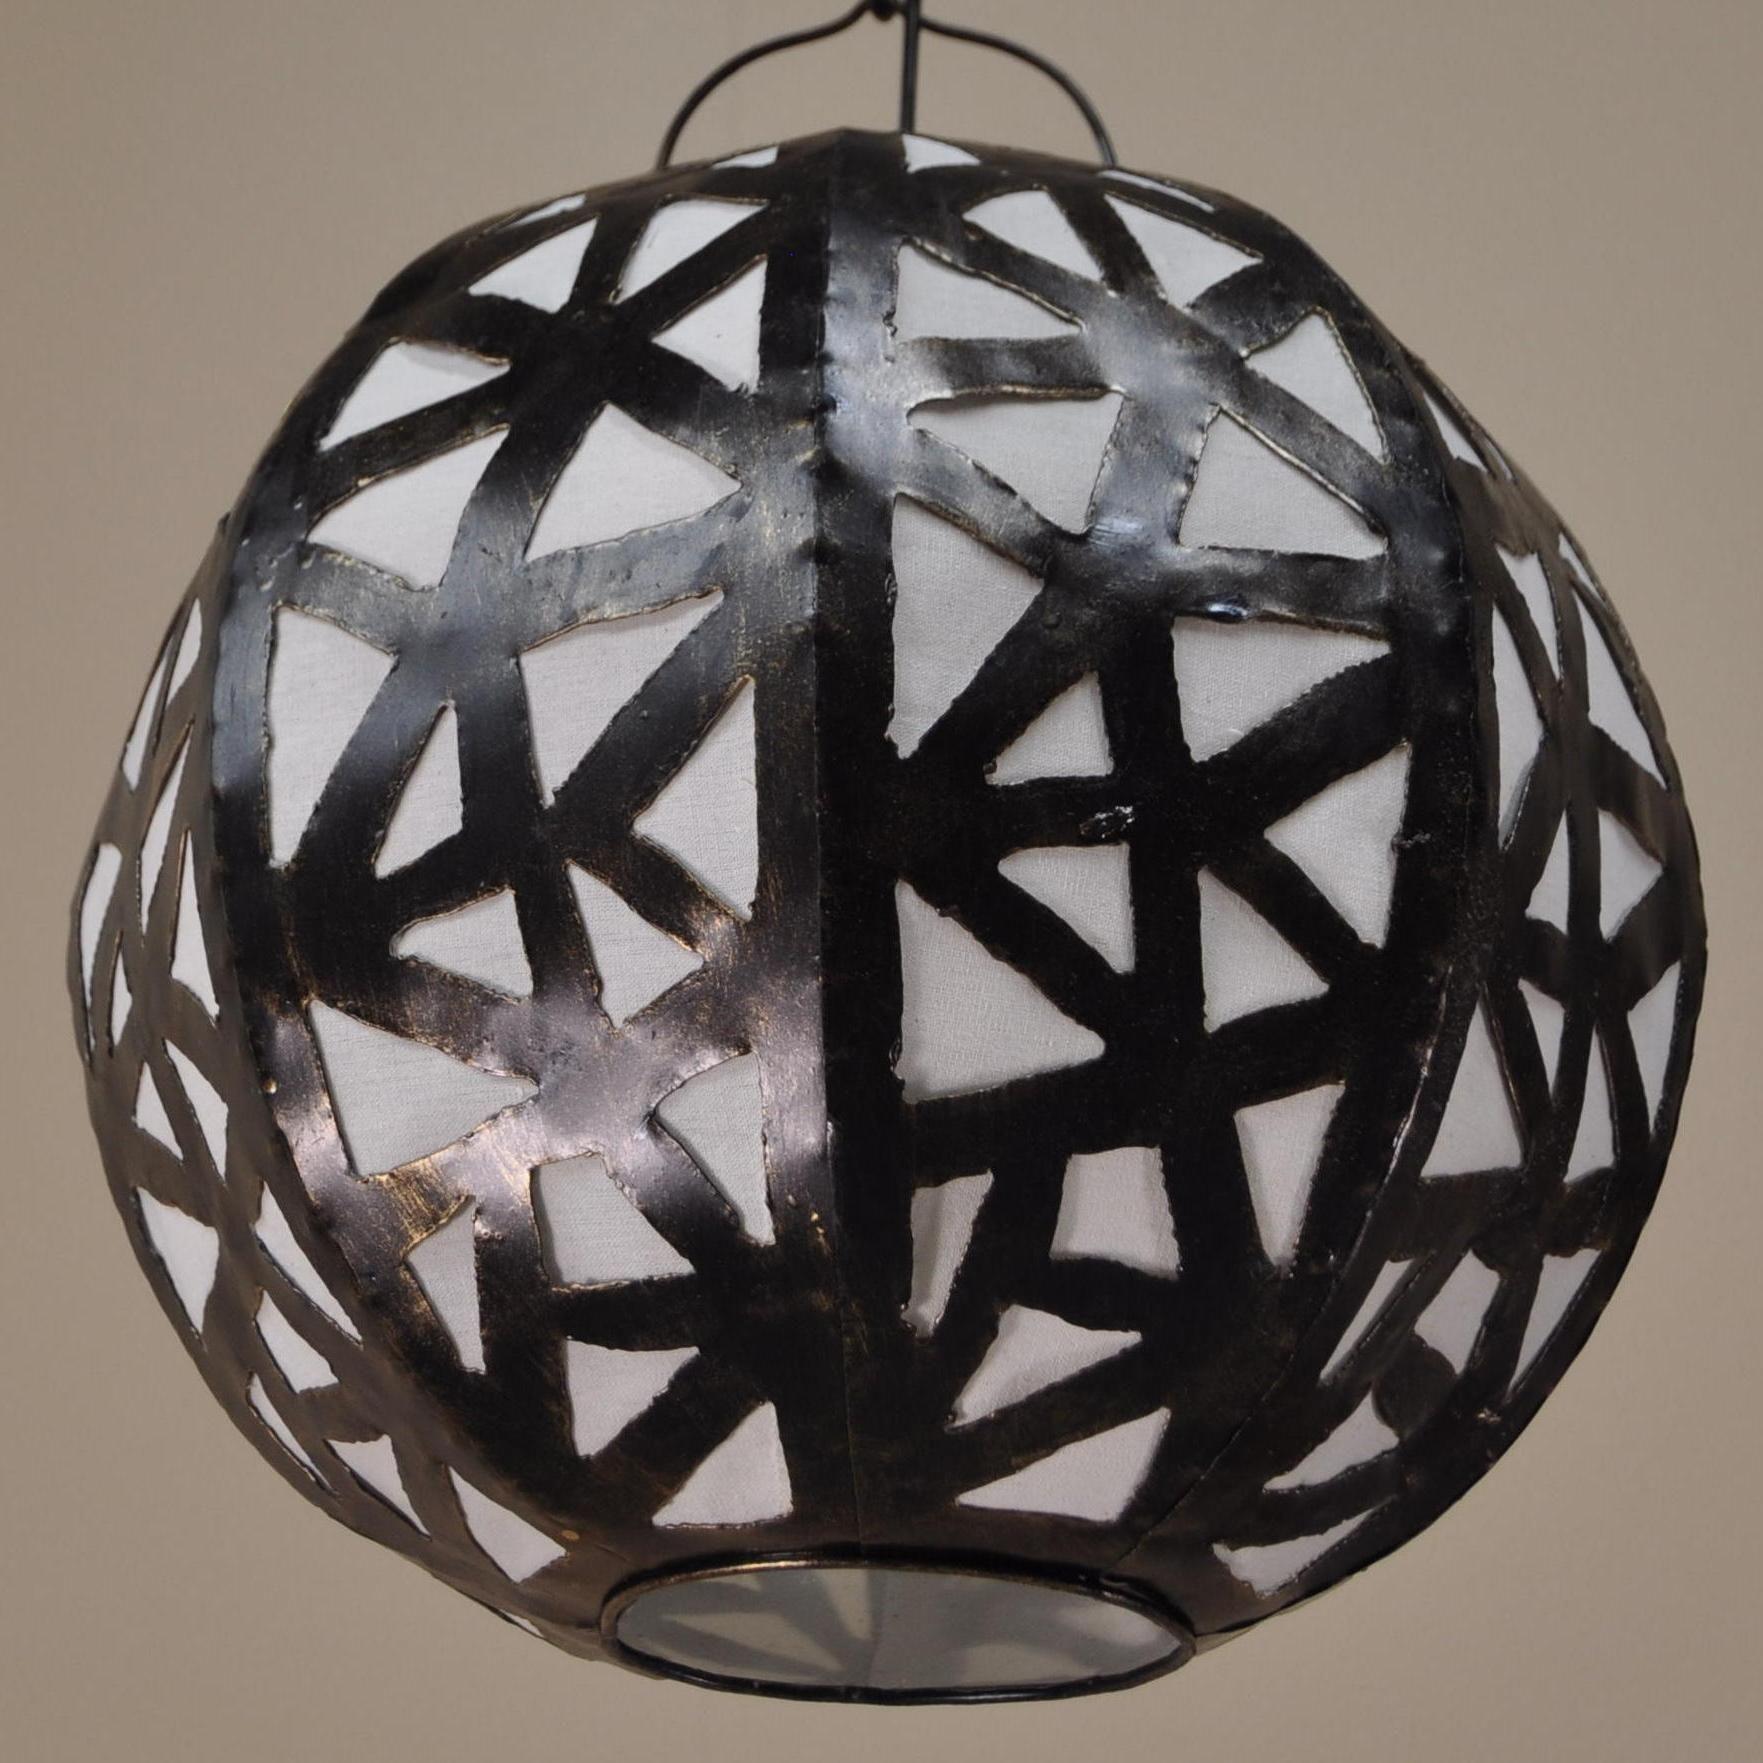 Luminaire lustre suspendu acier rond blanc D 35 cm H 30 cm 1565